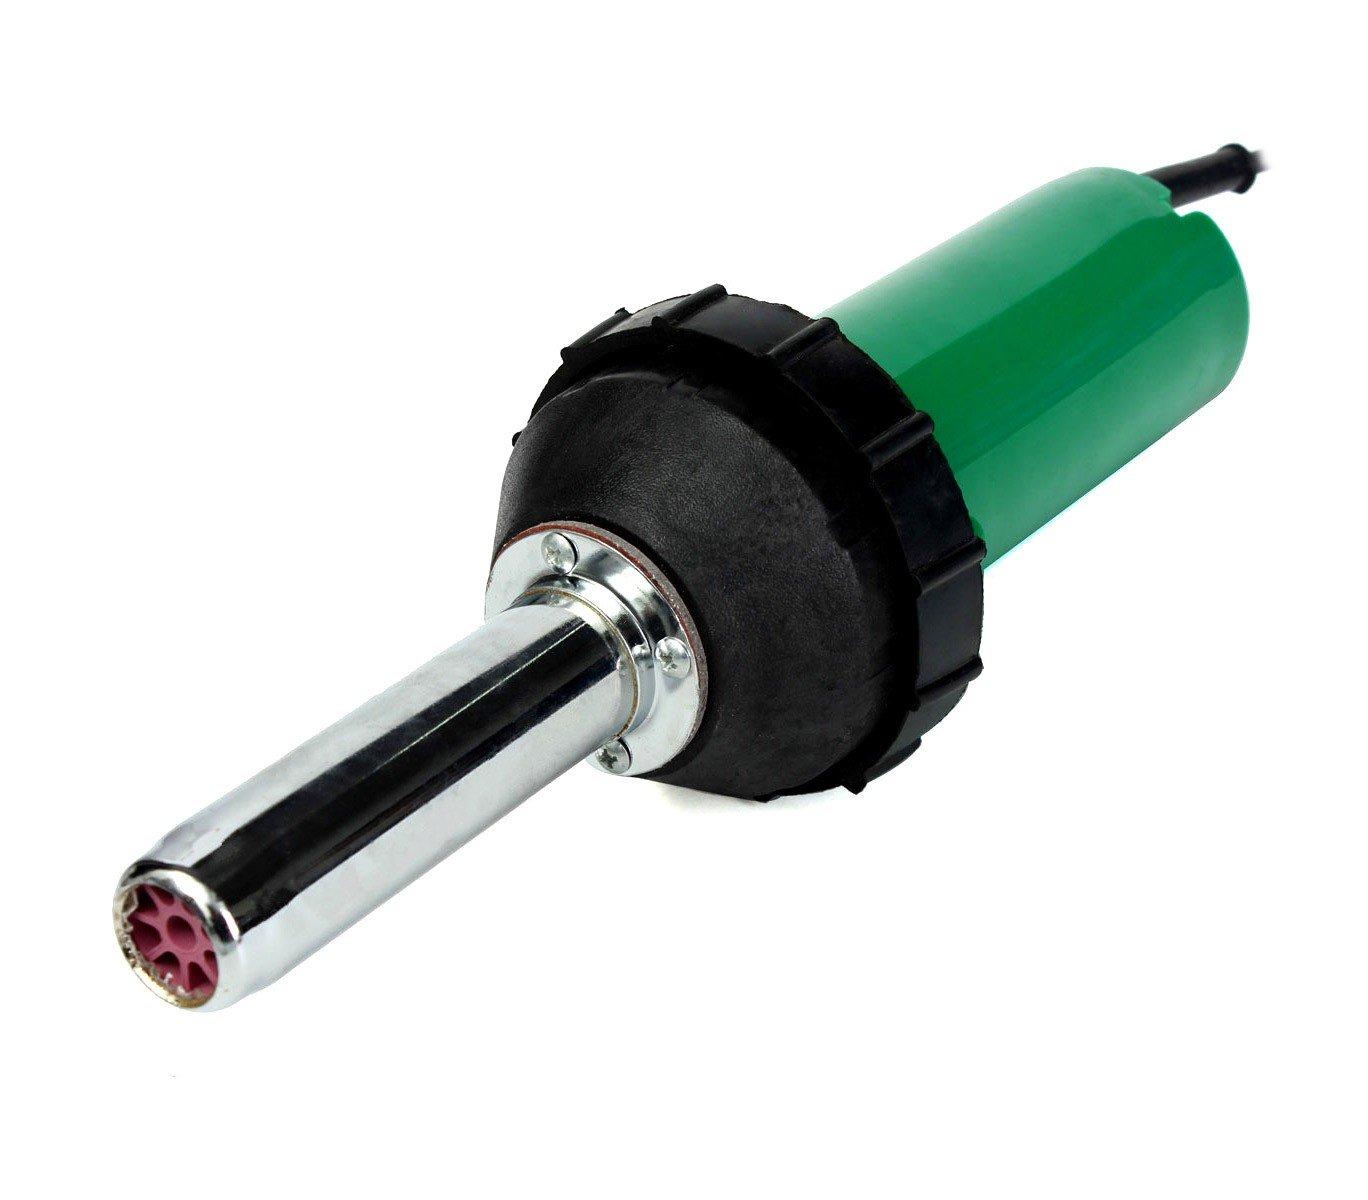 2993 Pistola de aire caliente 1500W decapadora para reparaciones y soldaduras: Amazon.es: Bricolaje y herramientas